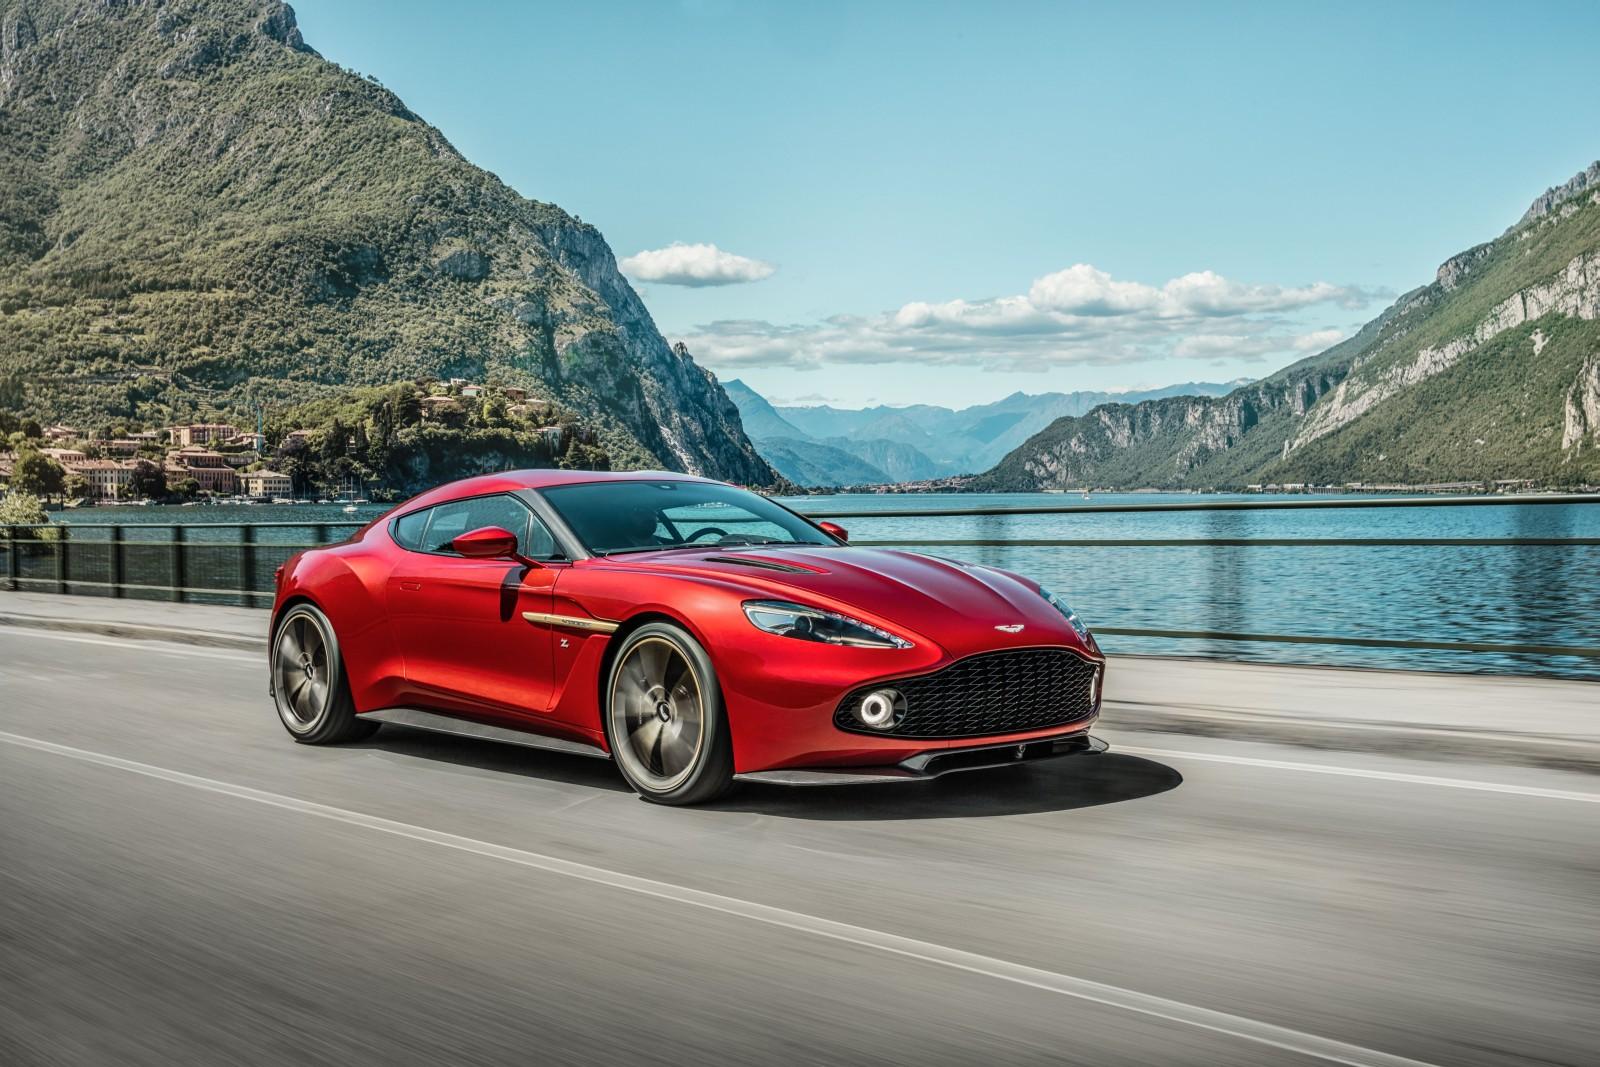 Aston Martin Vanquish Zagato (1)